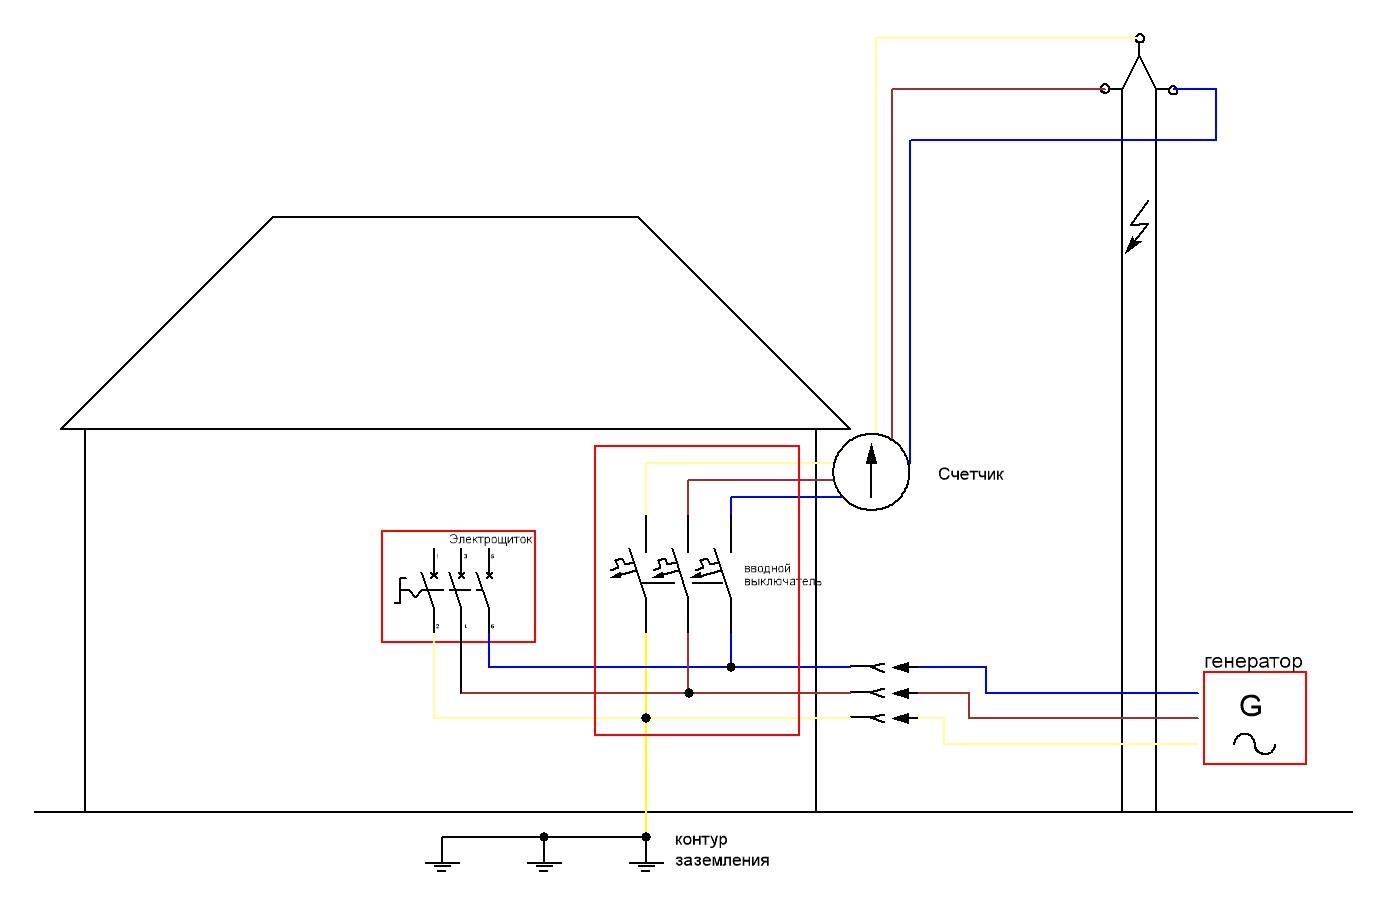 Как подключить генератор к сети дома: схема подключения